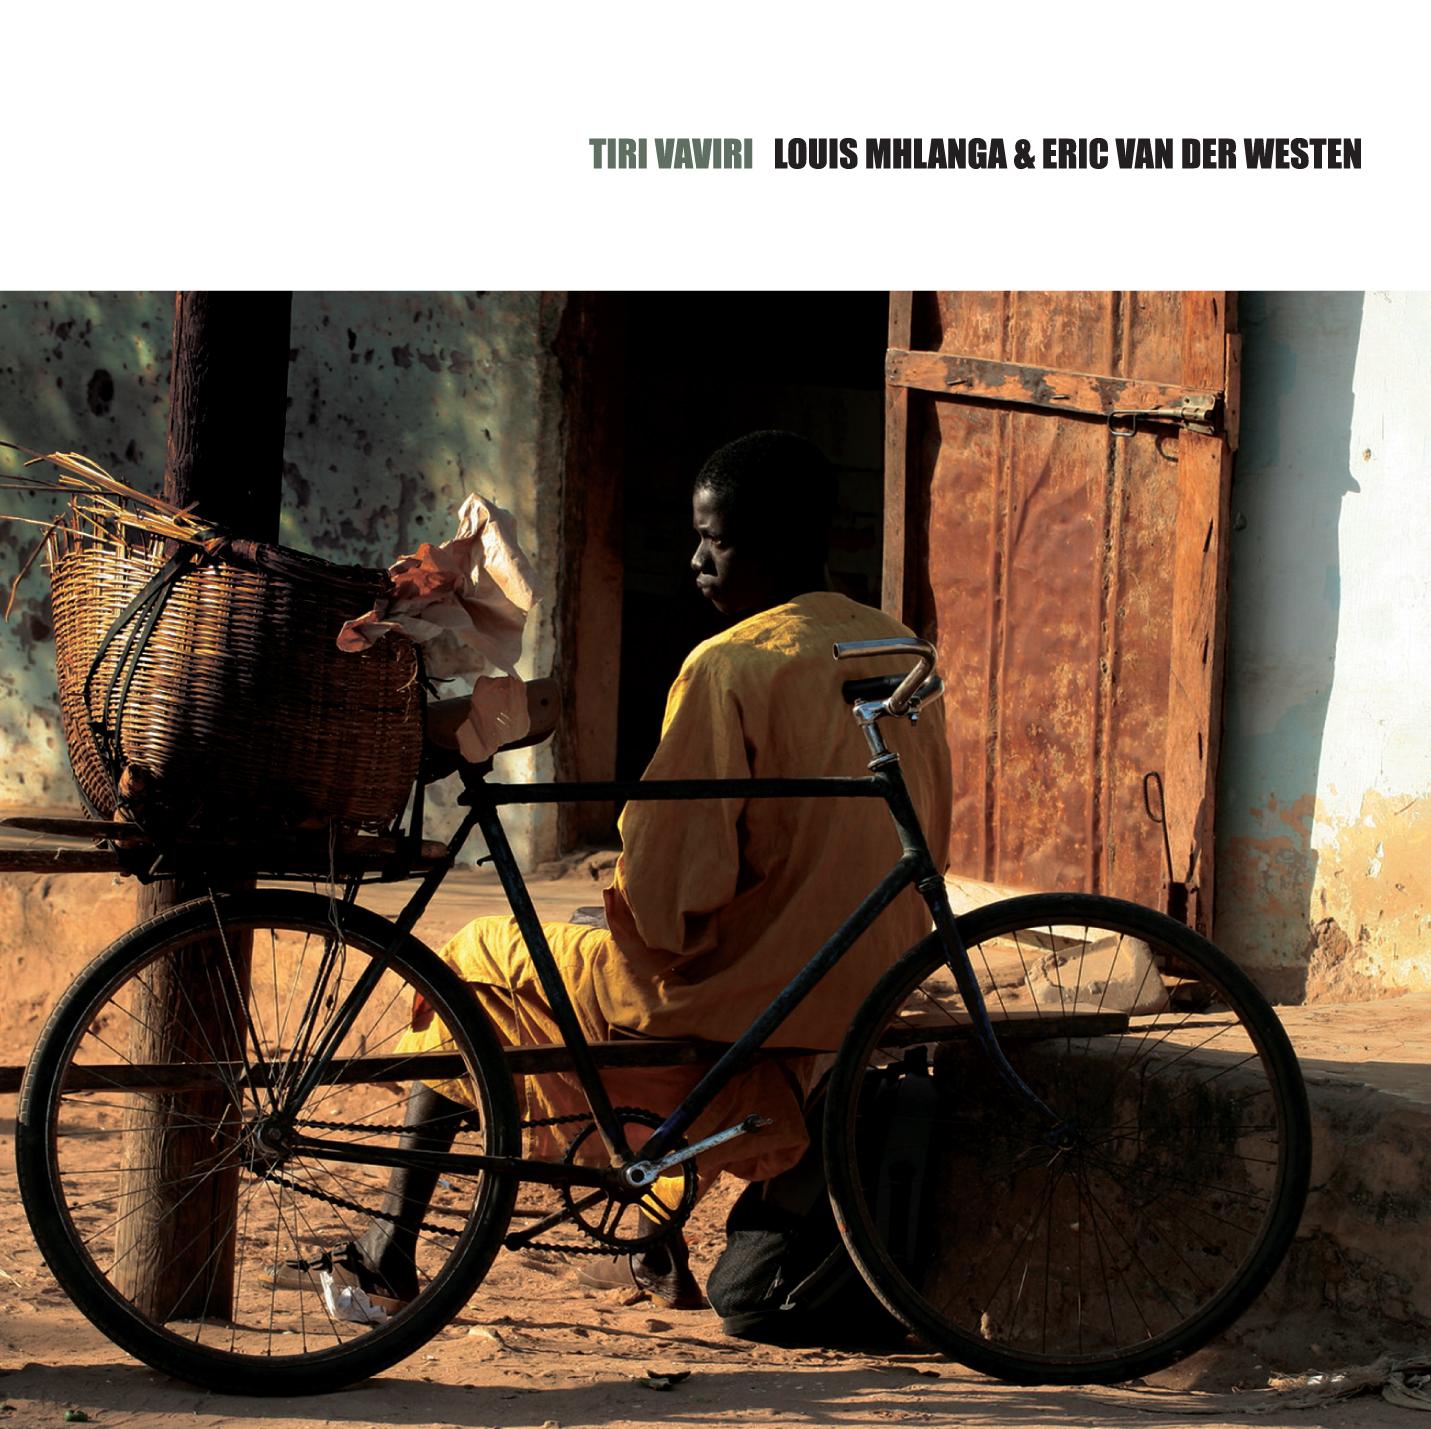 Louis Mhlanga & Eric Van Der Westen – Tiri Vaviri (2008)